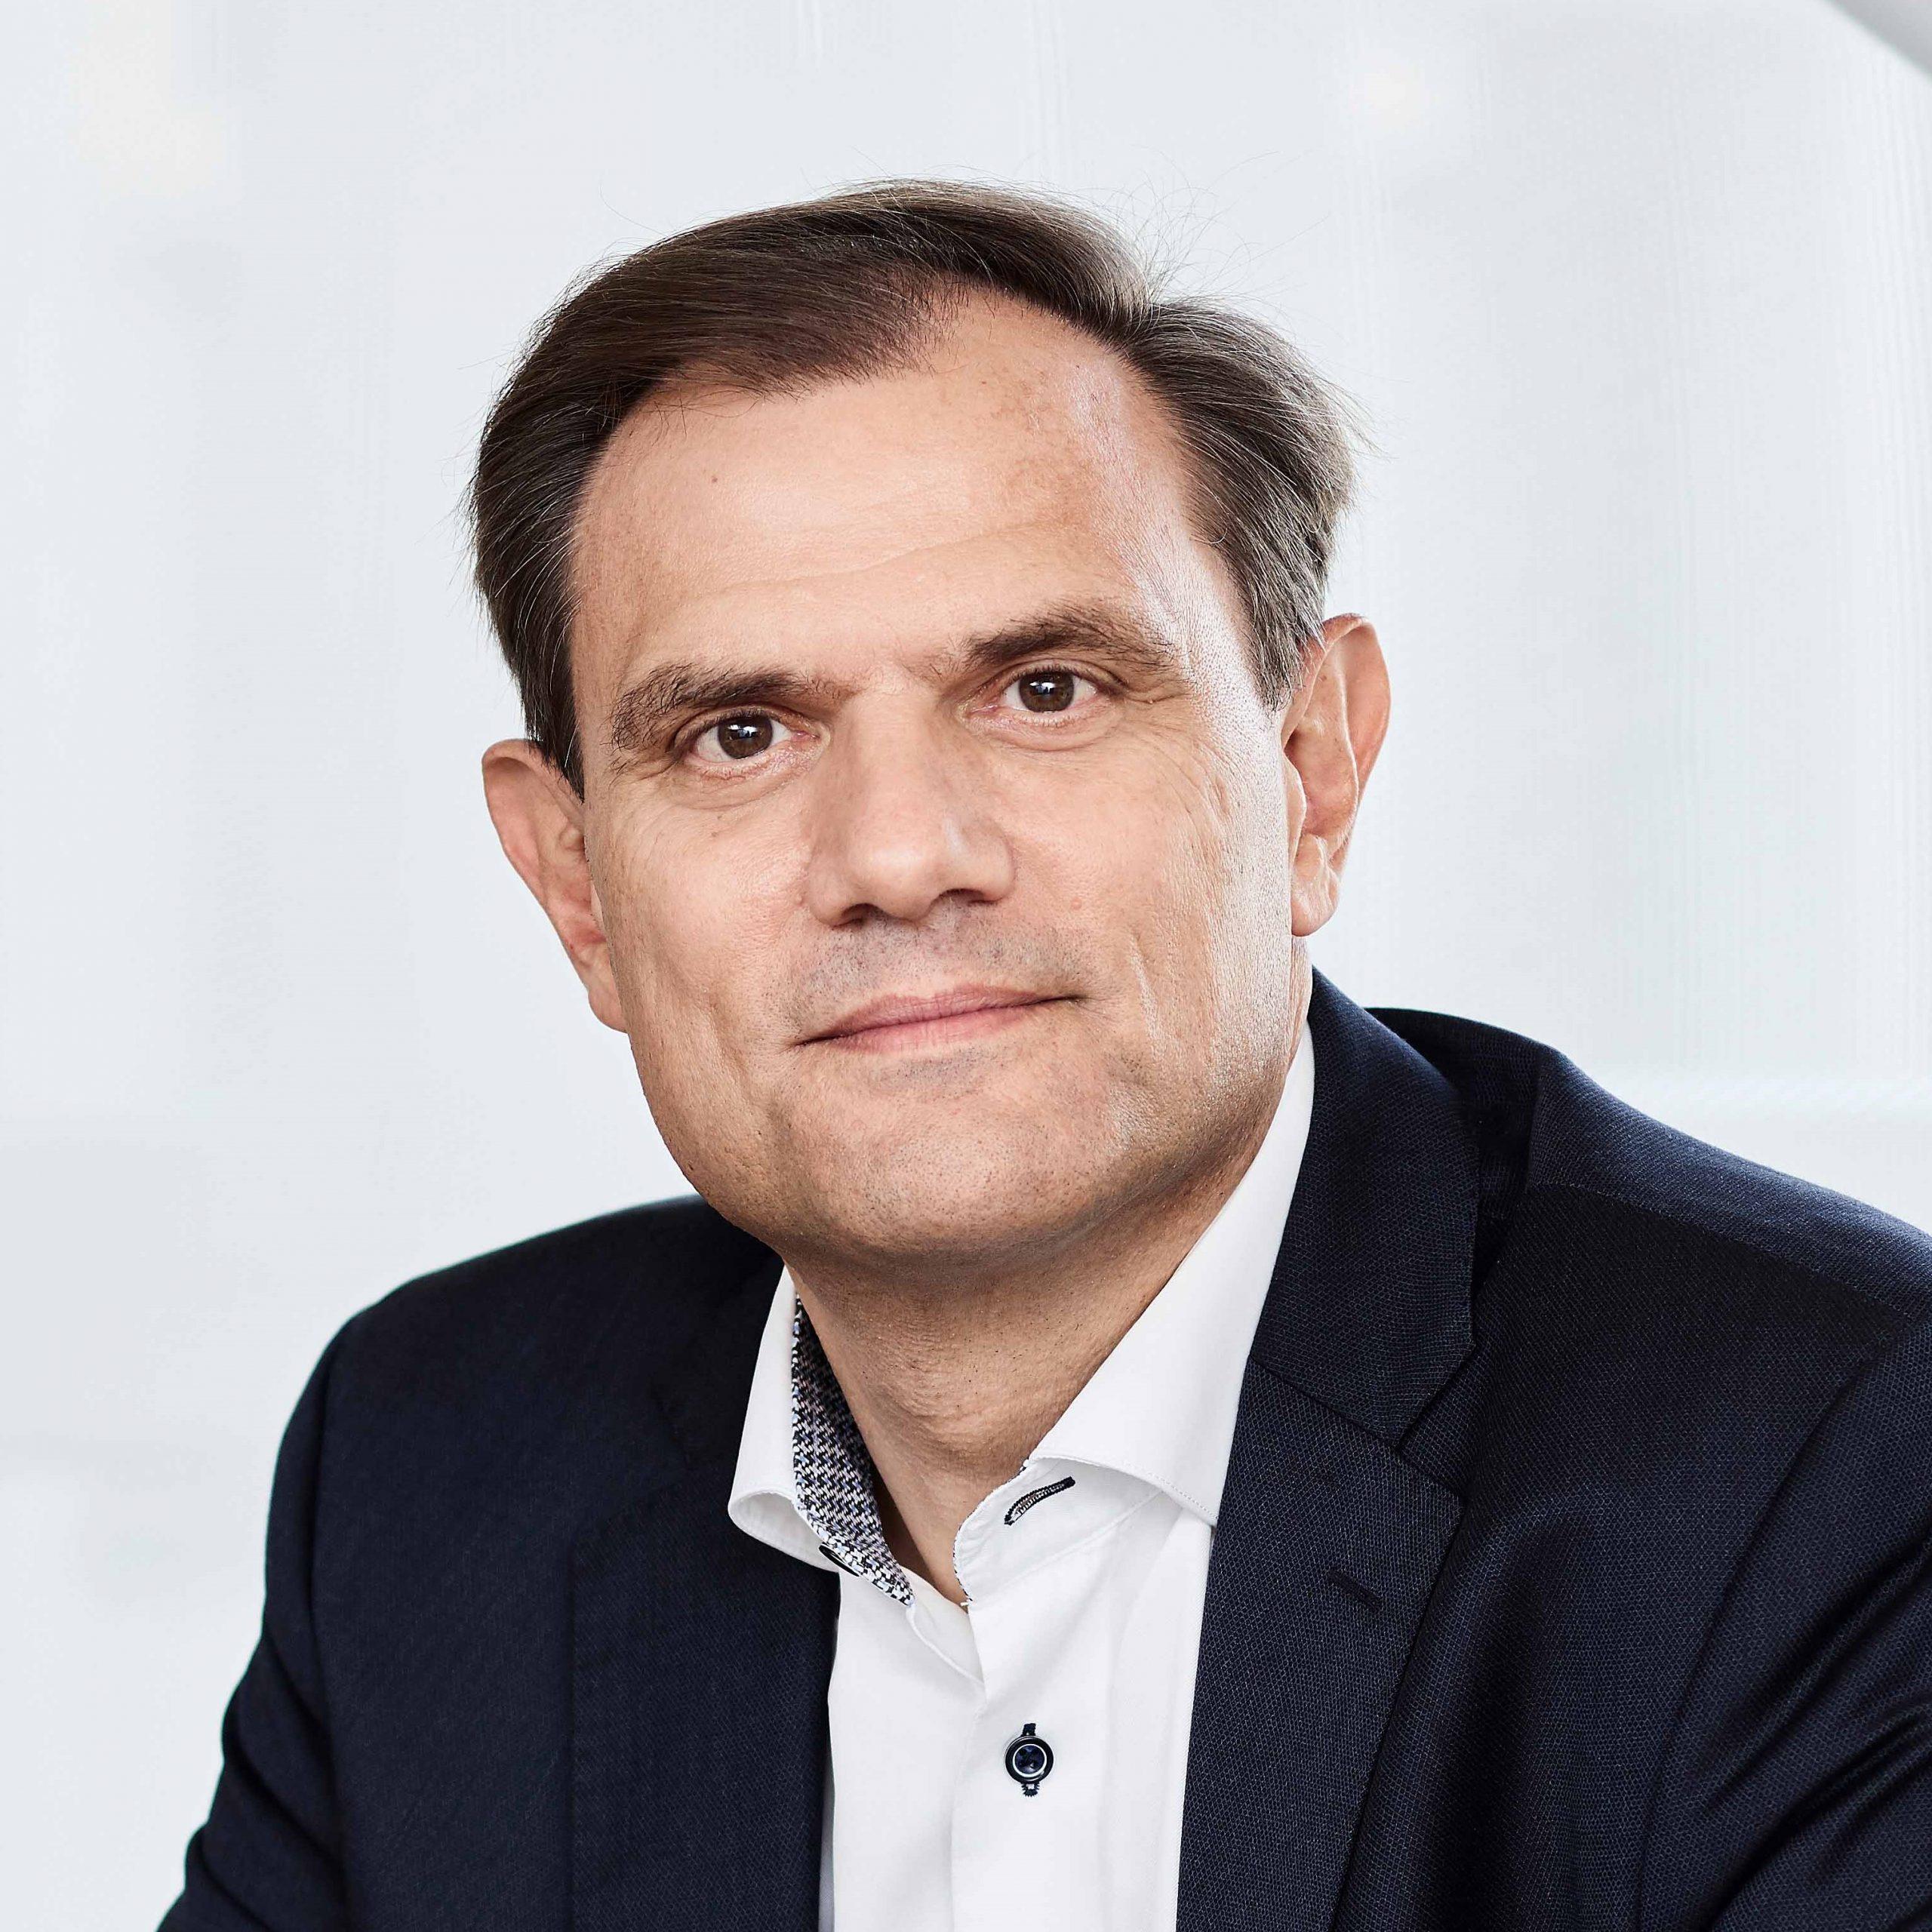 Jean-Pierre Schmid Generali